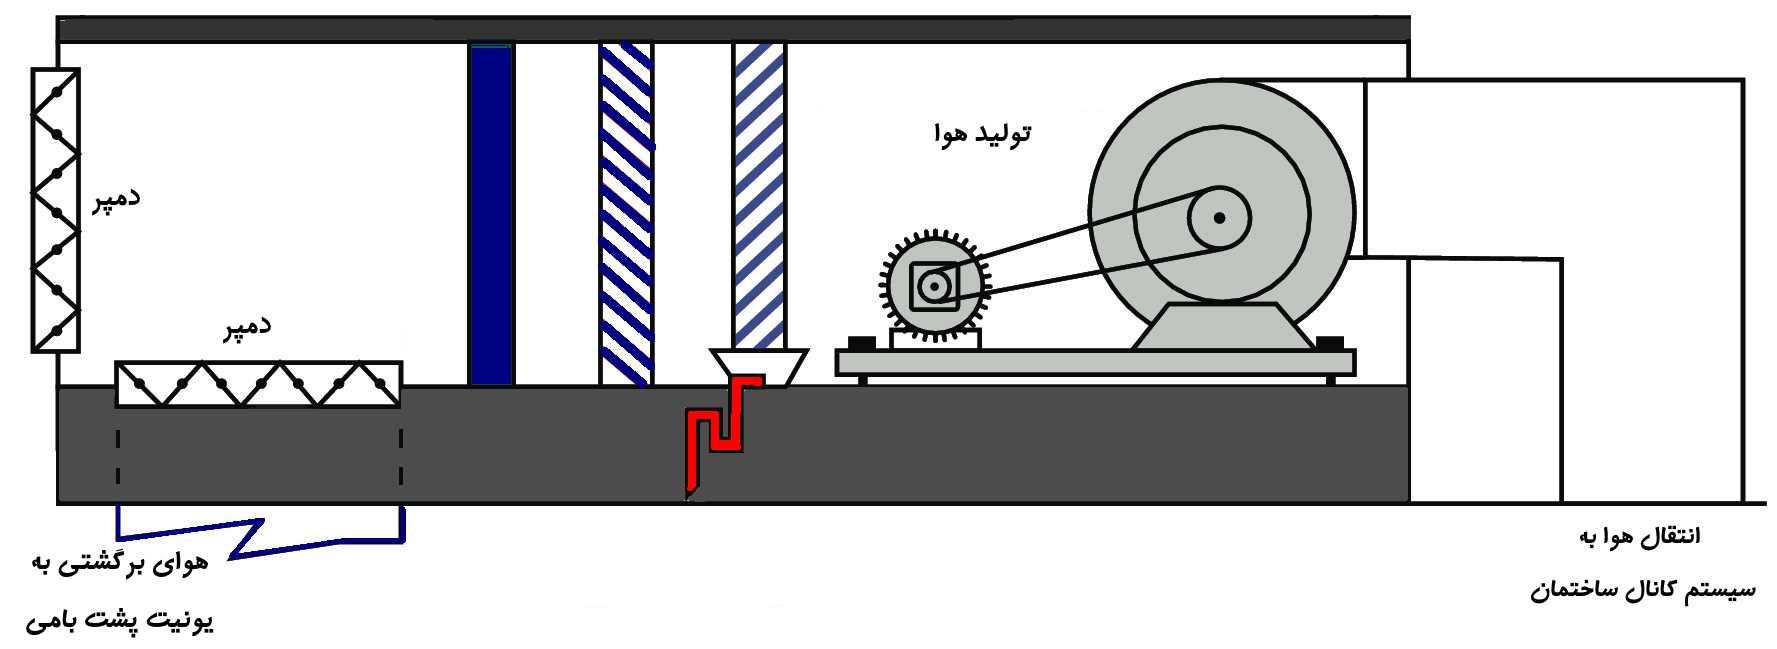 نحوه عملکرد یونیت پشت بامی